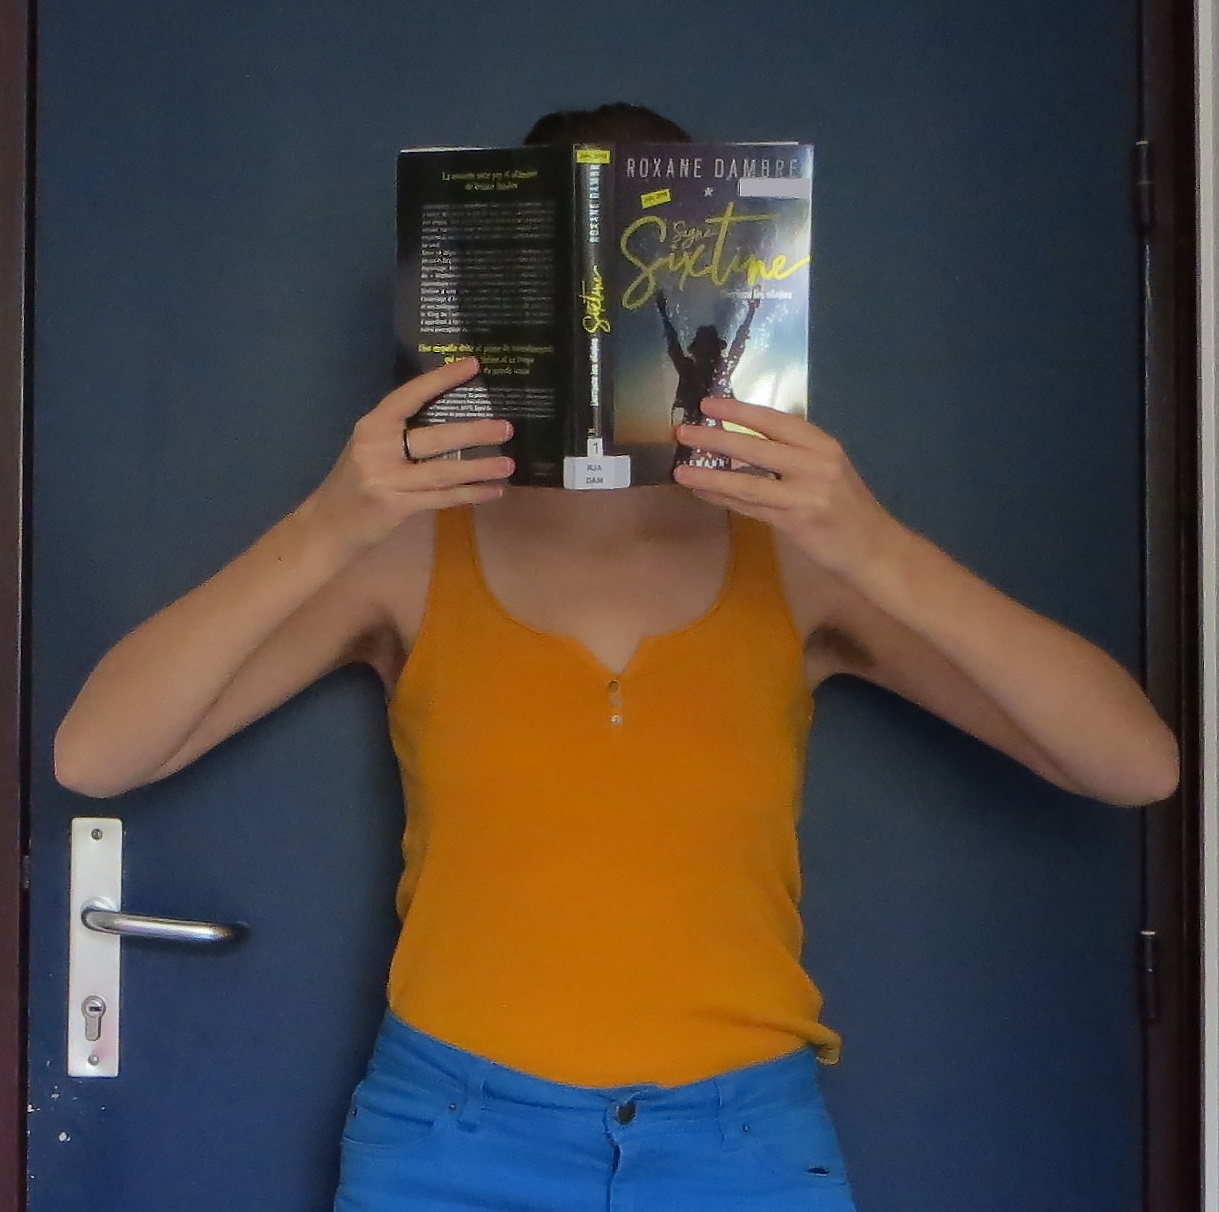 personne en jaune lisant Signé Sixtine de Roxane Dambre devant sa porte